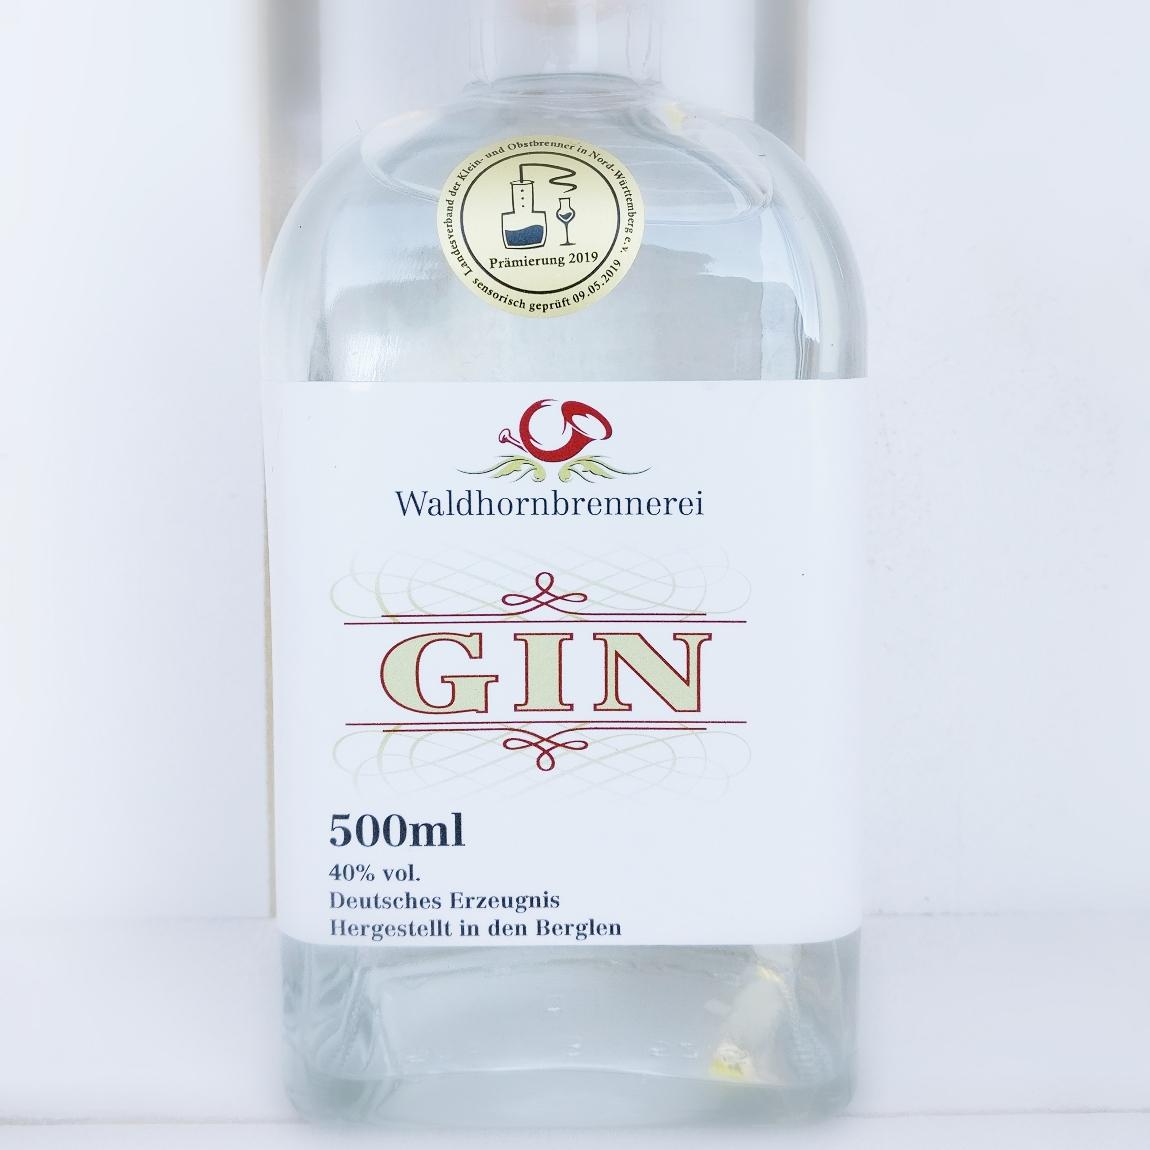 Schwaebischer Gin_20200411_183729